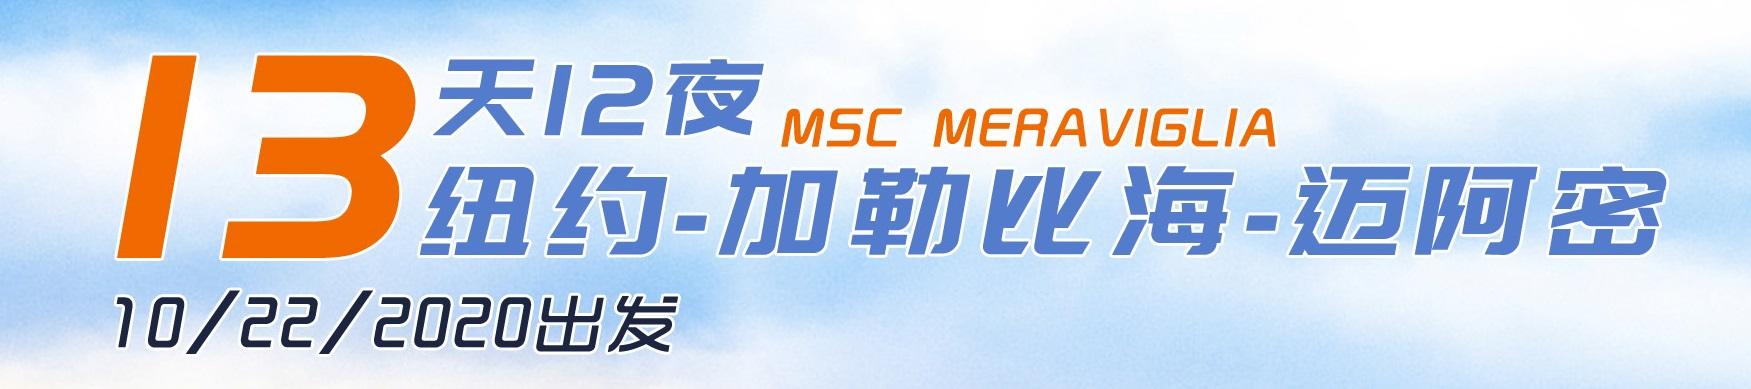 MSC_Spring pro_2020_meraviglia